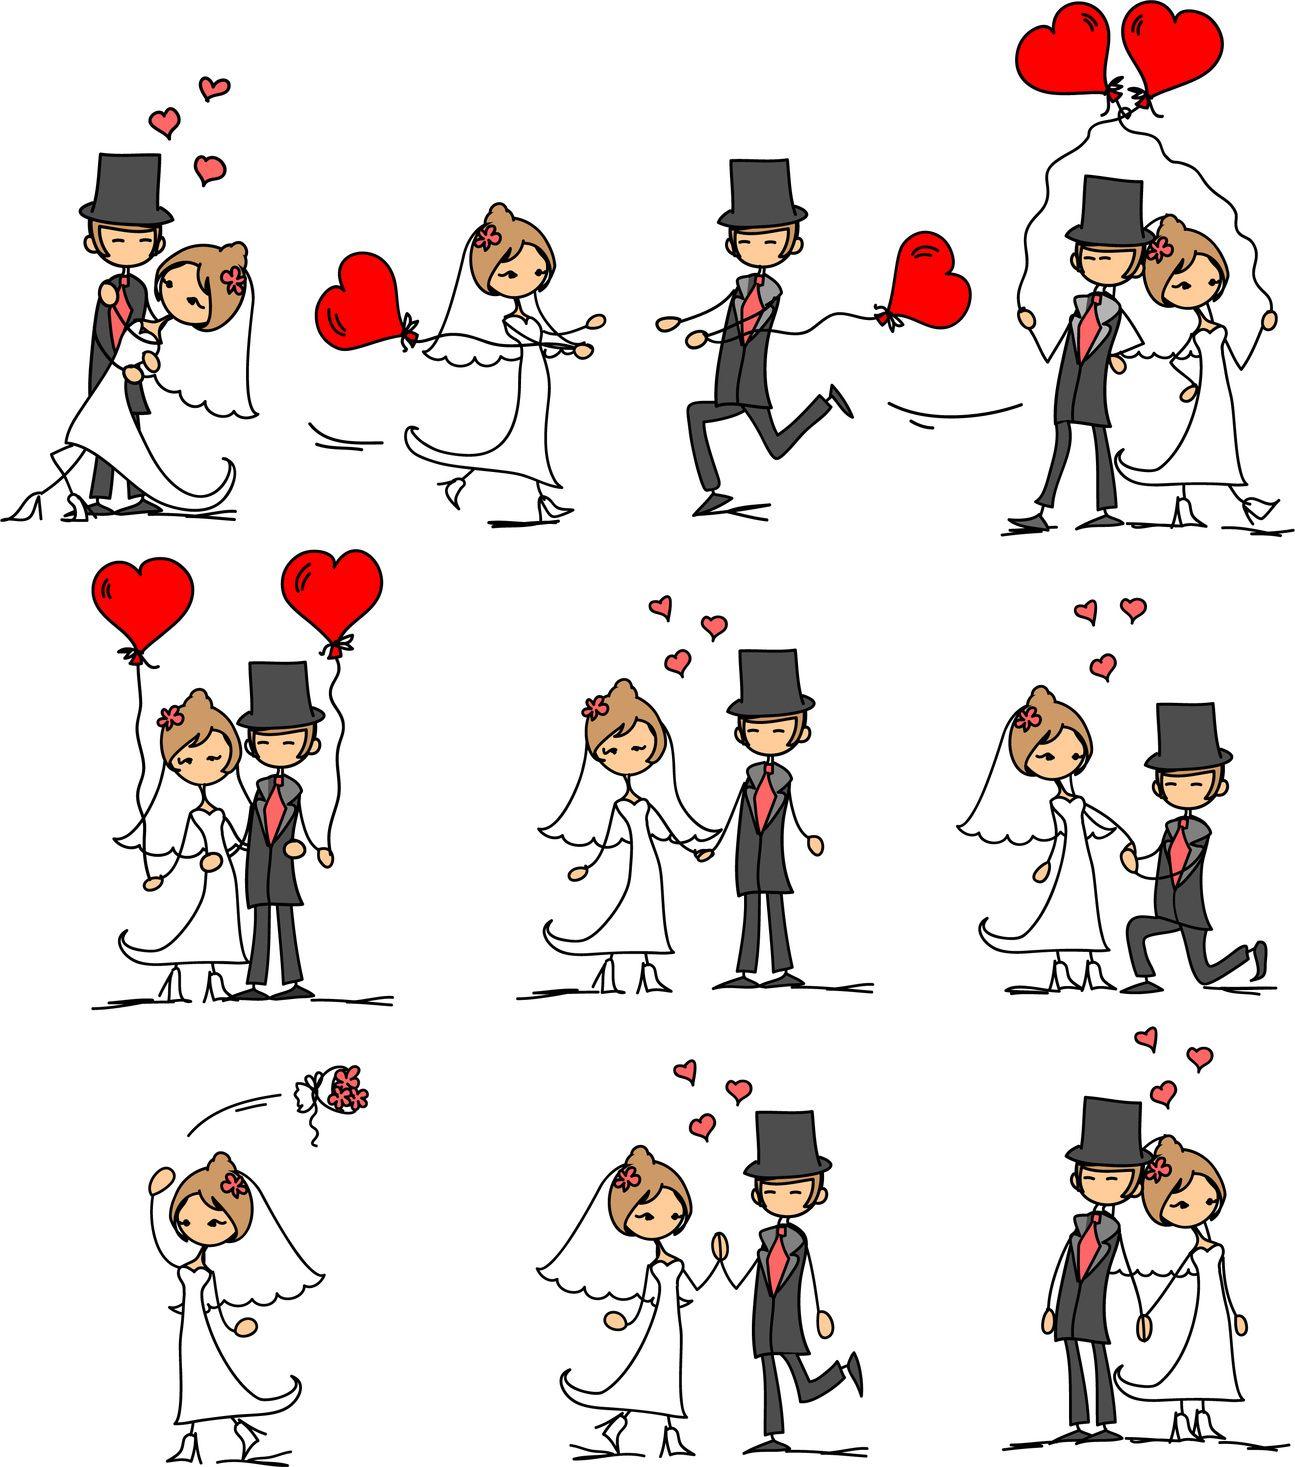 frases simpaticas para recien casados Buscar con Google